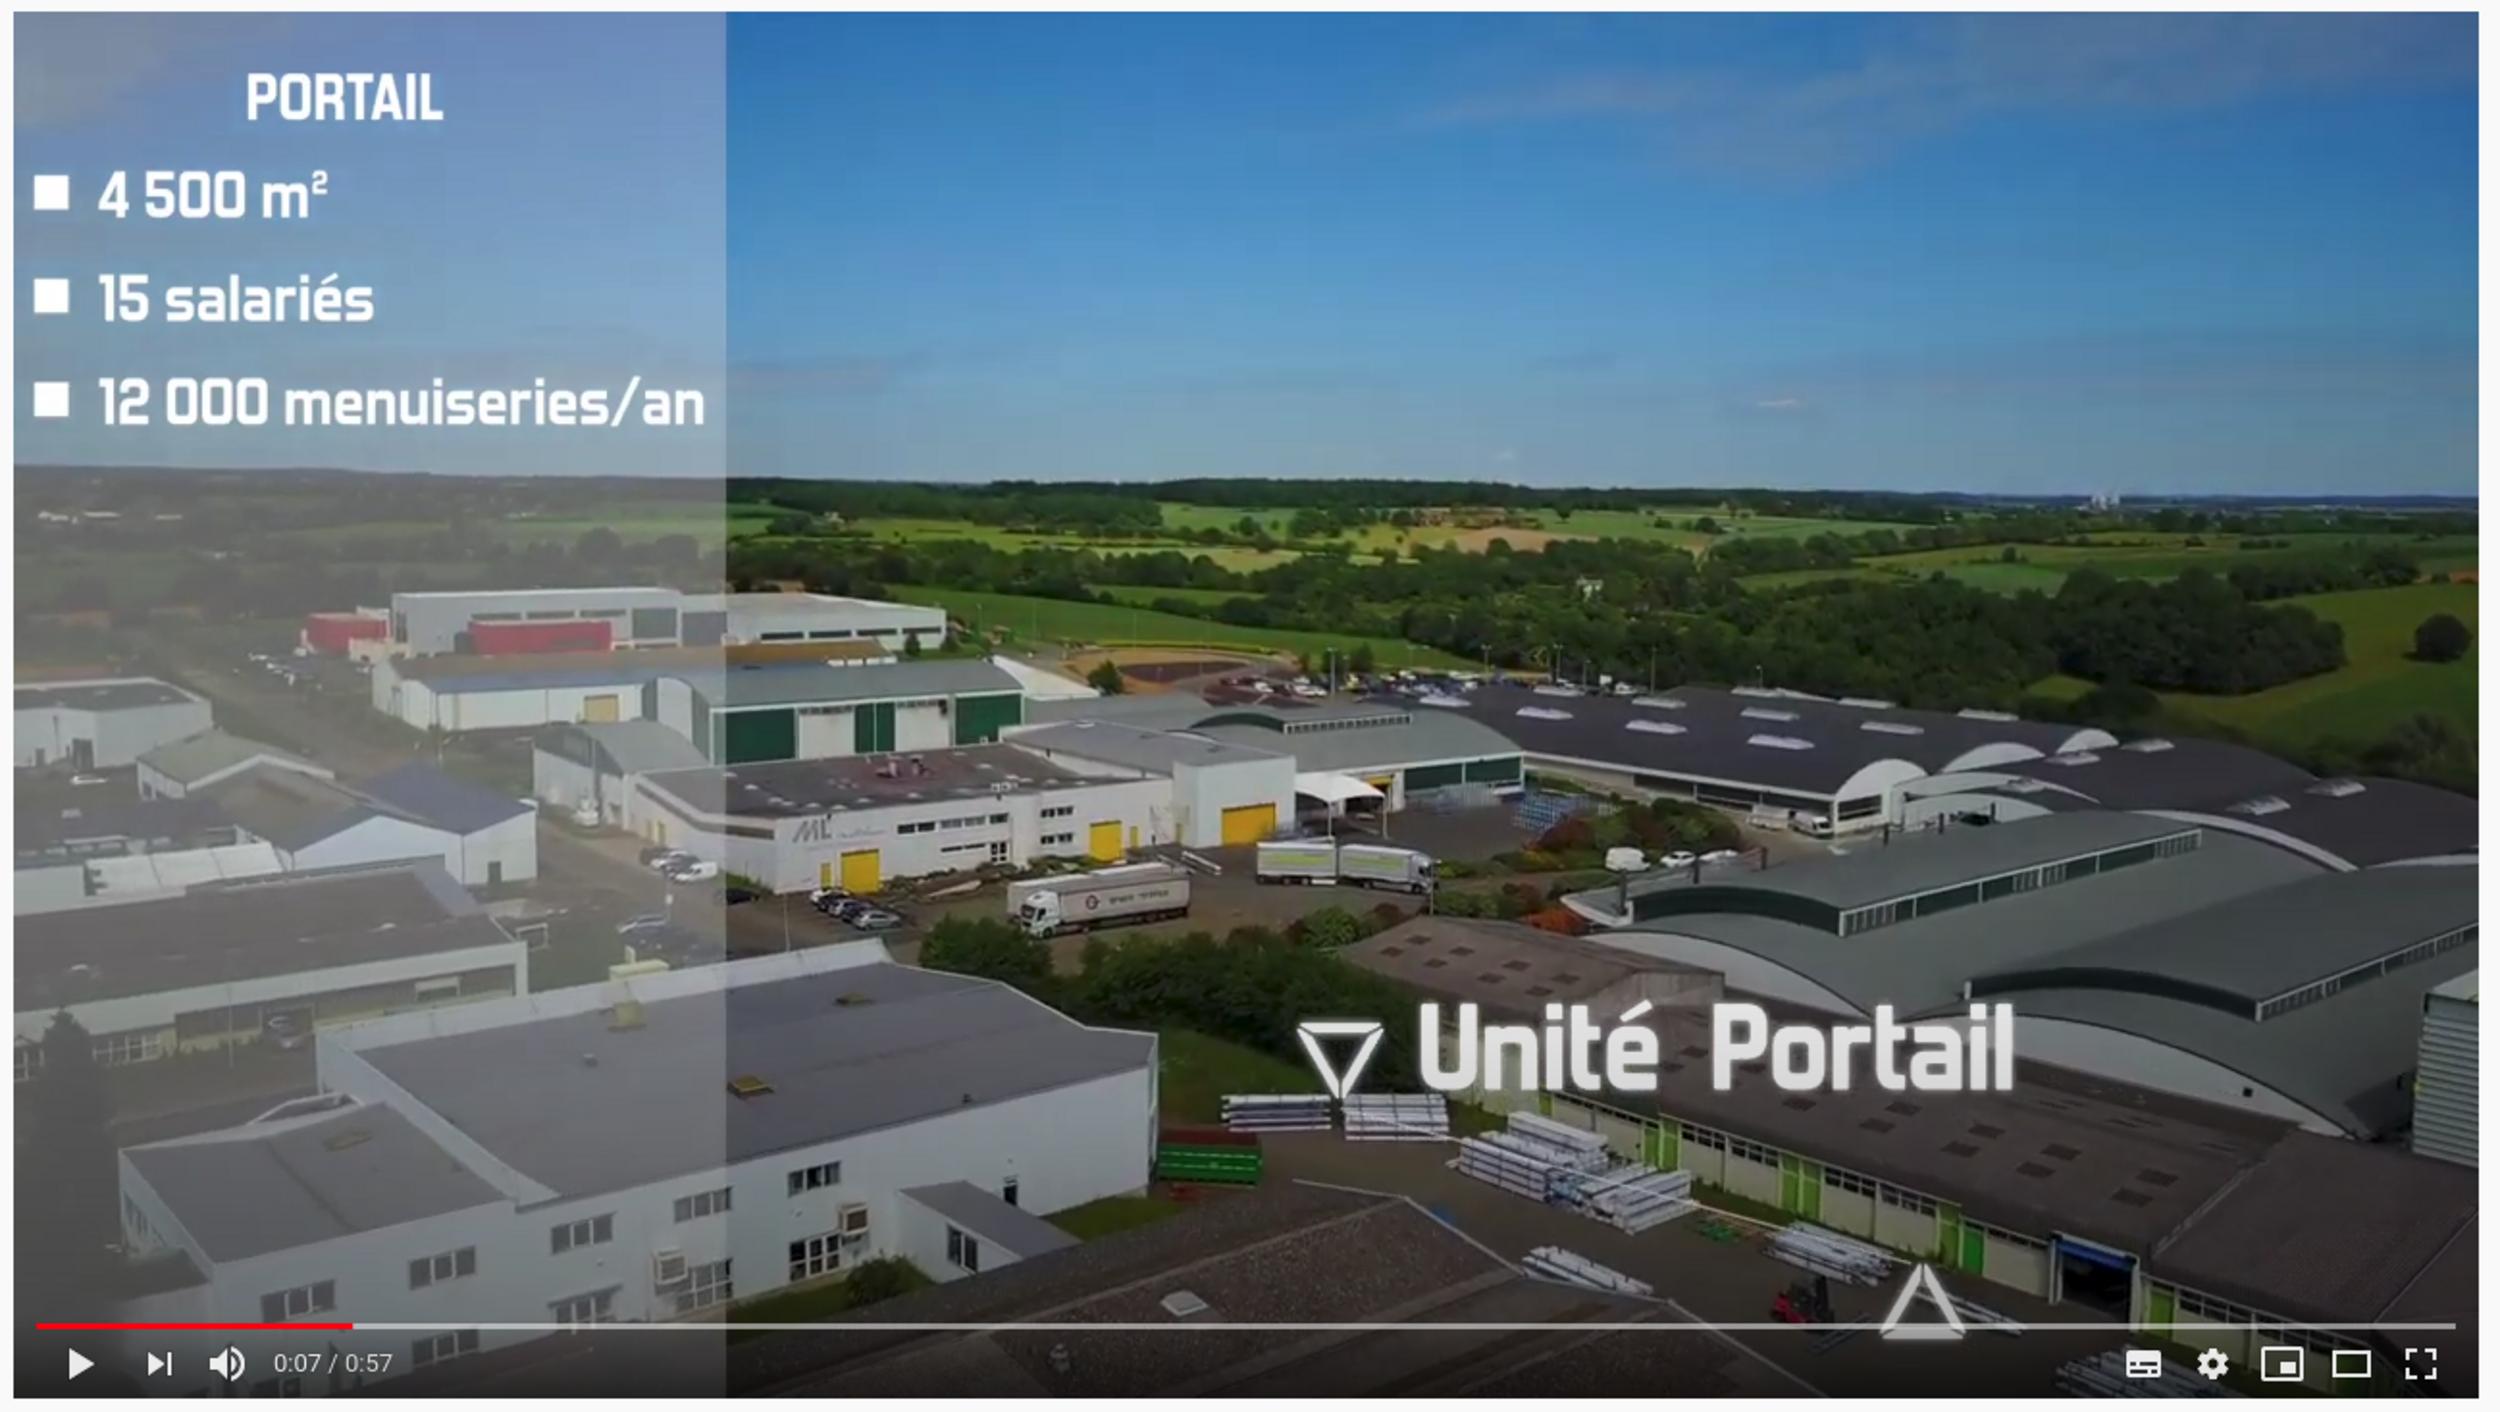 Des portails sur-mesure fabriqués en France - Art et Fenêtres en vidéo